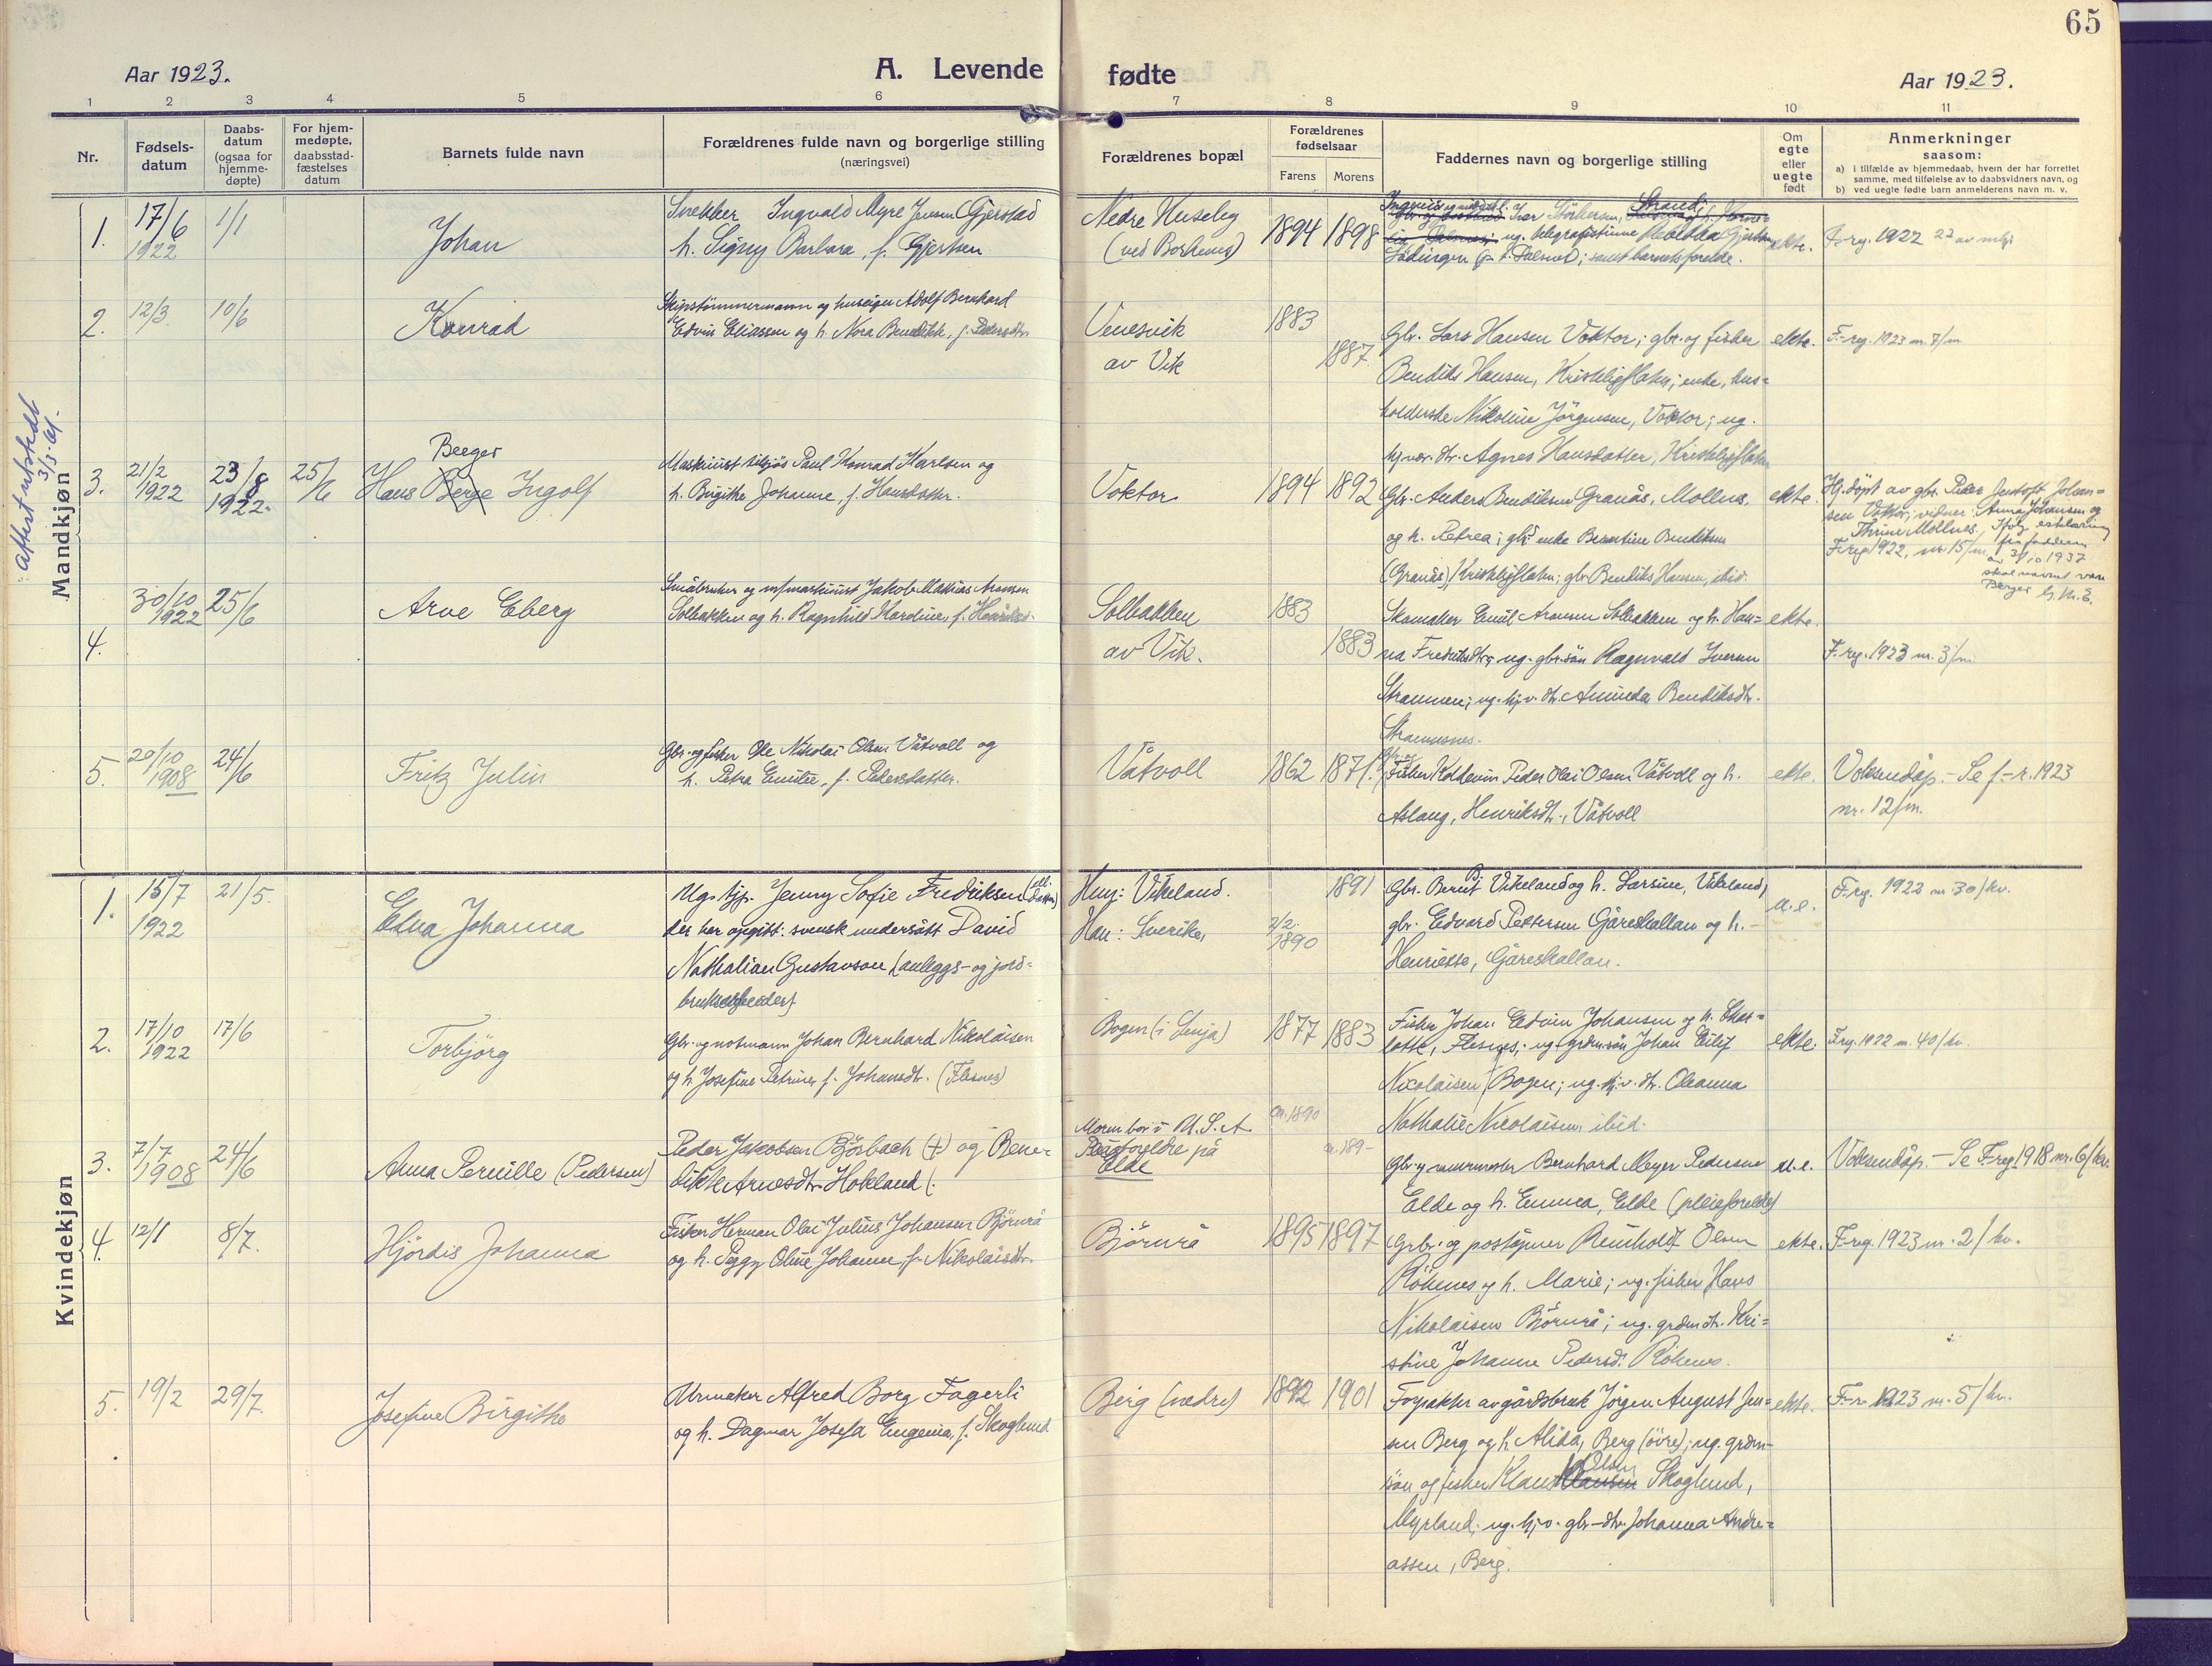 SATØ, Kvæfjord sokneprestkontor, G/Ga/Gaa/L0007kirke: Ministerialbok nr. 7, 1915-1931, s. 65